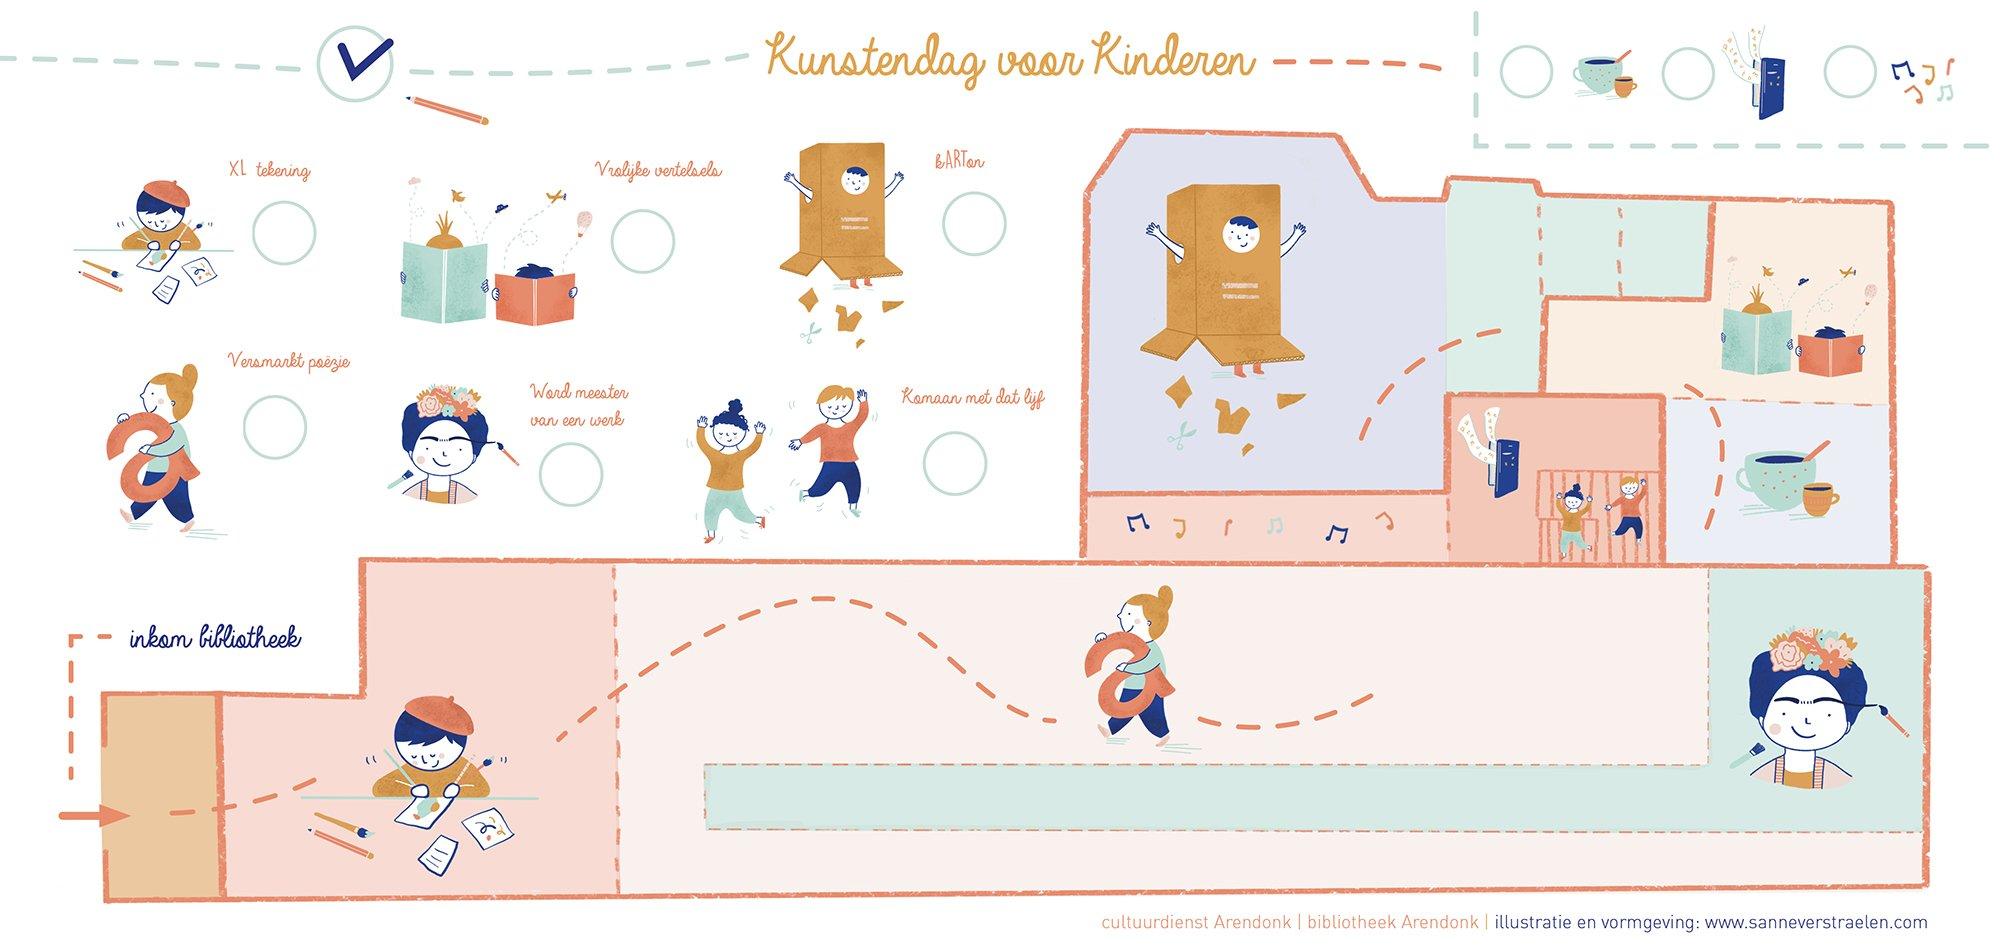 Schatkaart kunstendag voor kinderen